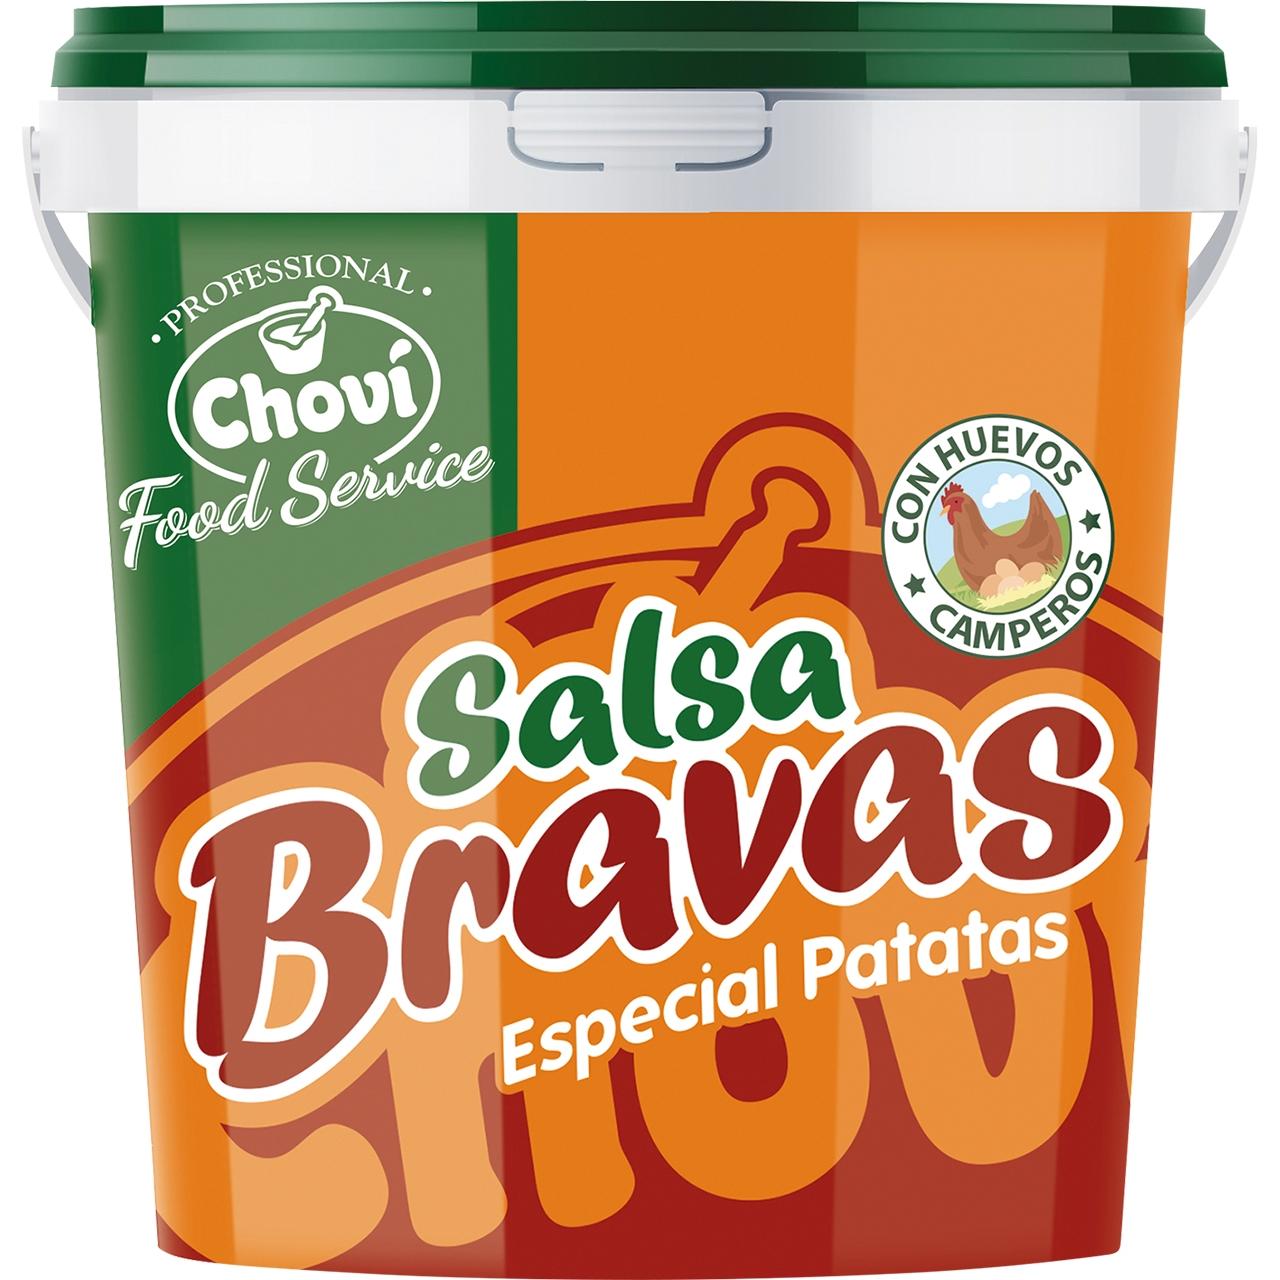 Salsa Brava especial patates 1kg. Choví